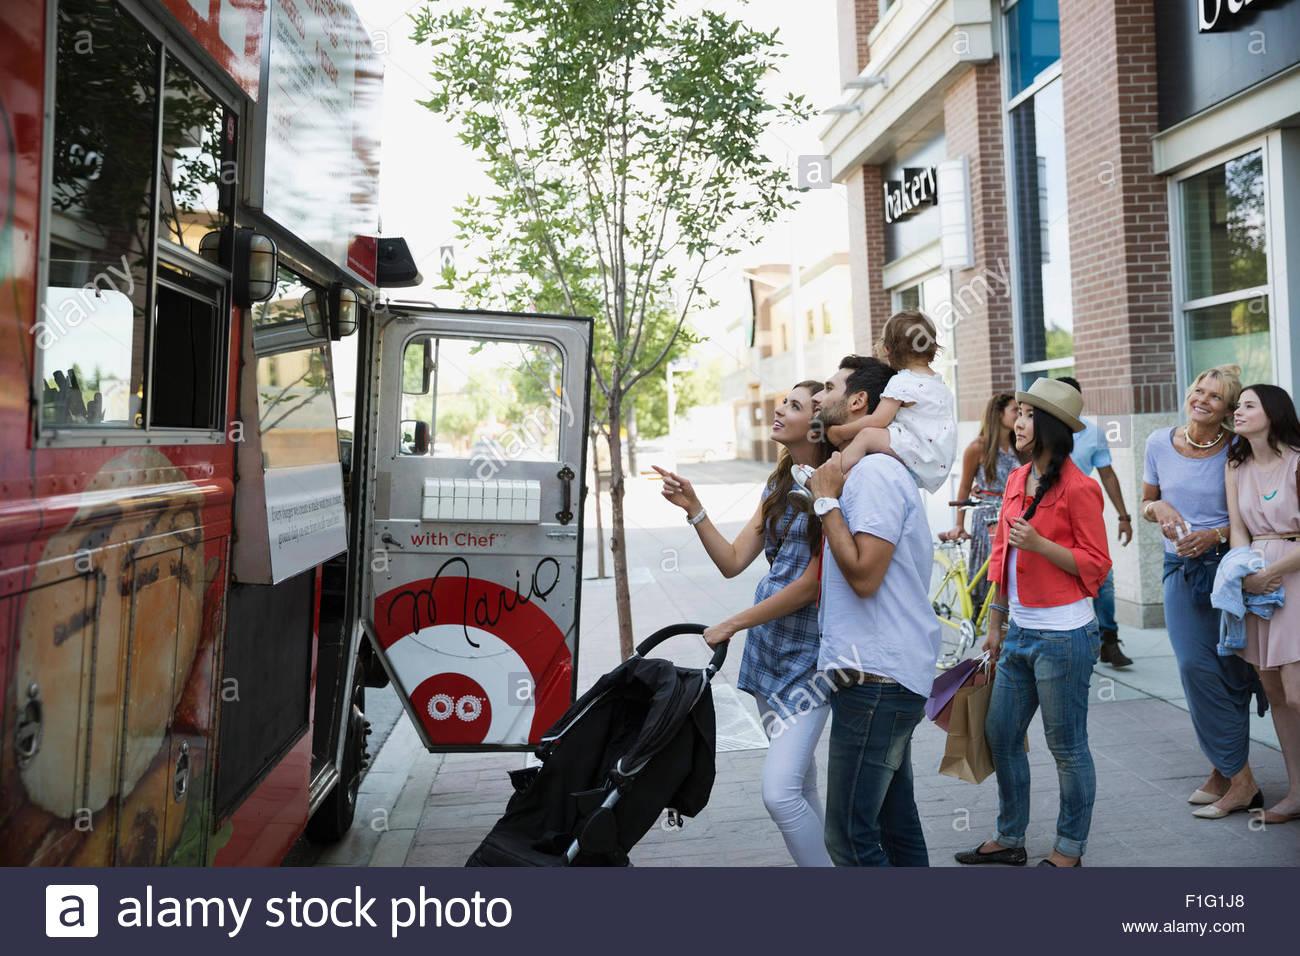 Os clientes alimentos de fora veículo sobre calçada Imagens de Stock